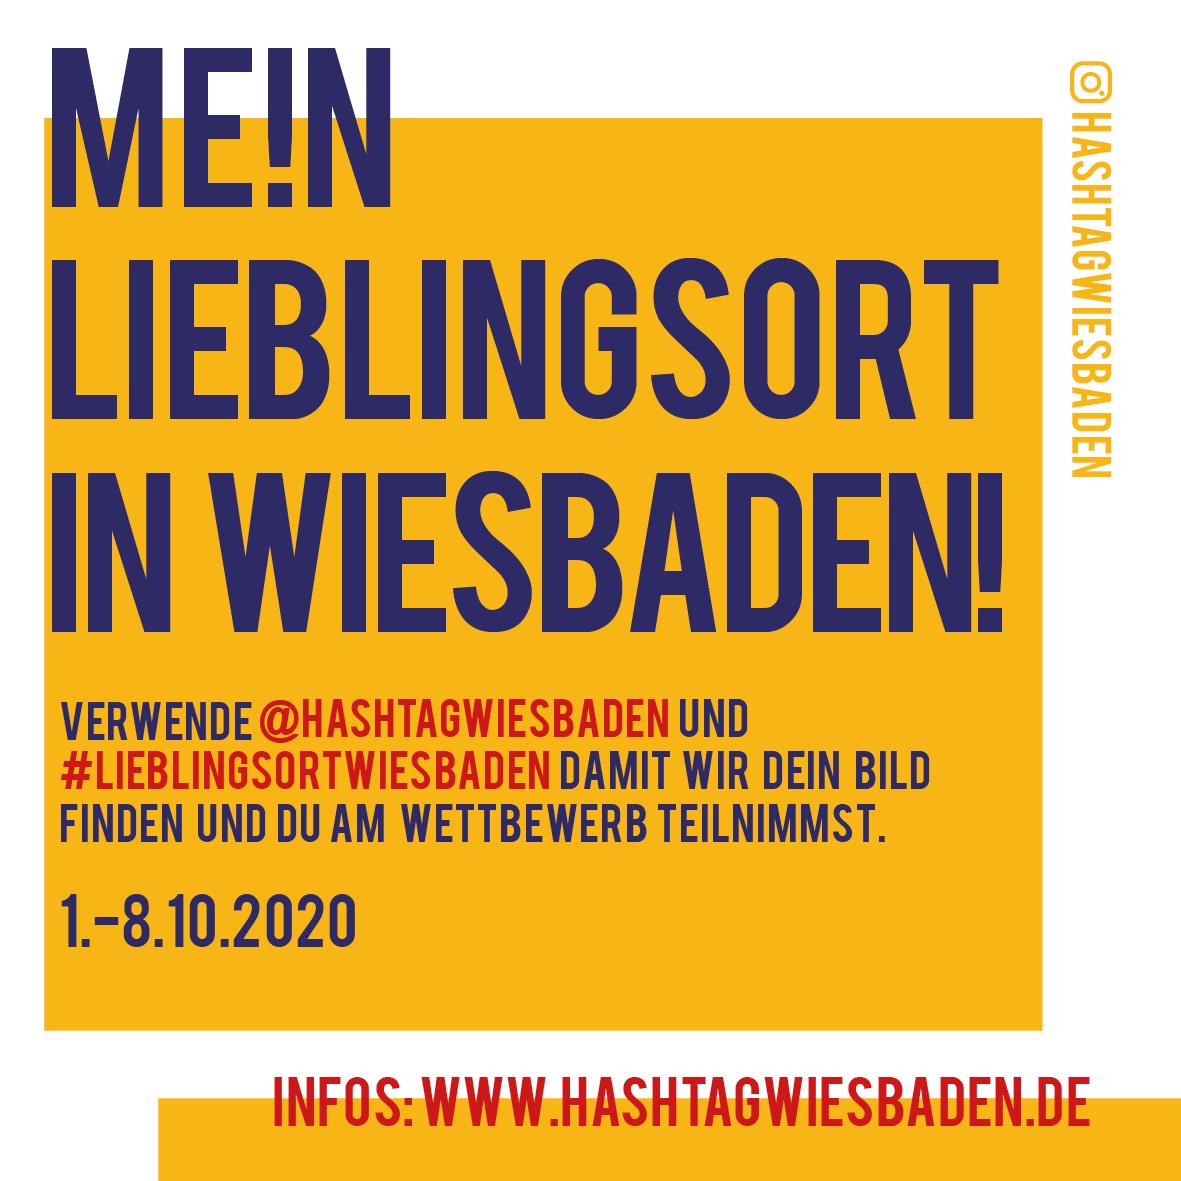 1.-8.10.2020 Mein Lieblingsort in Wiesbaden